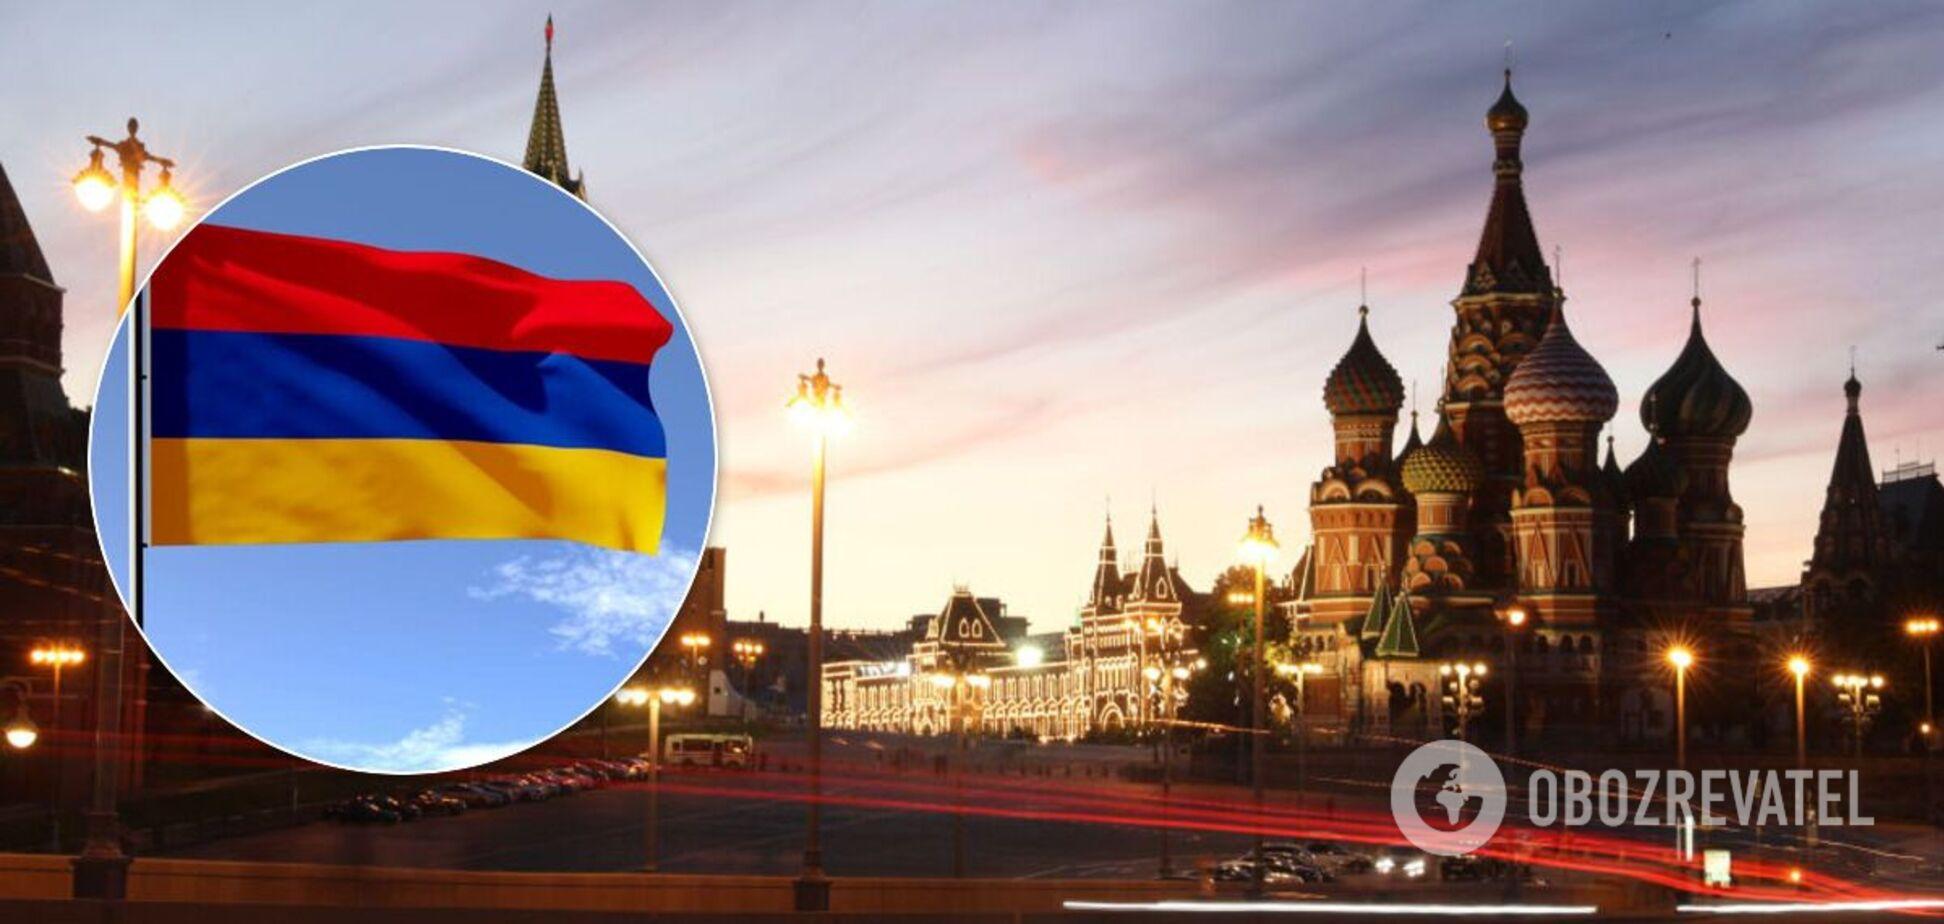 Кремлевский путч в Армении 'завис'